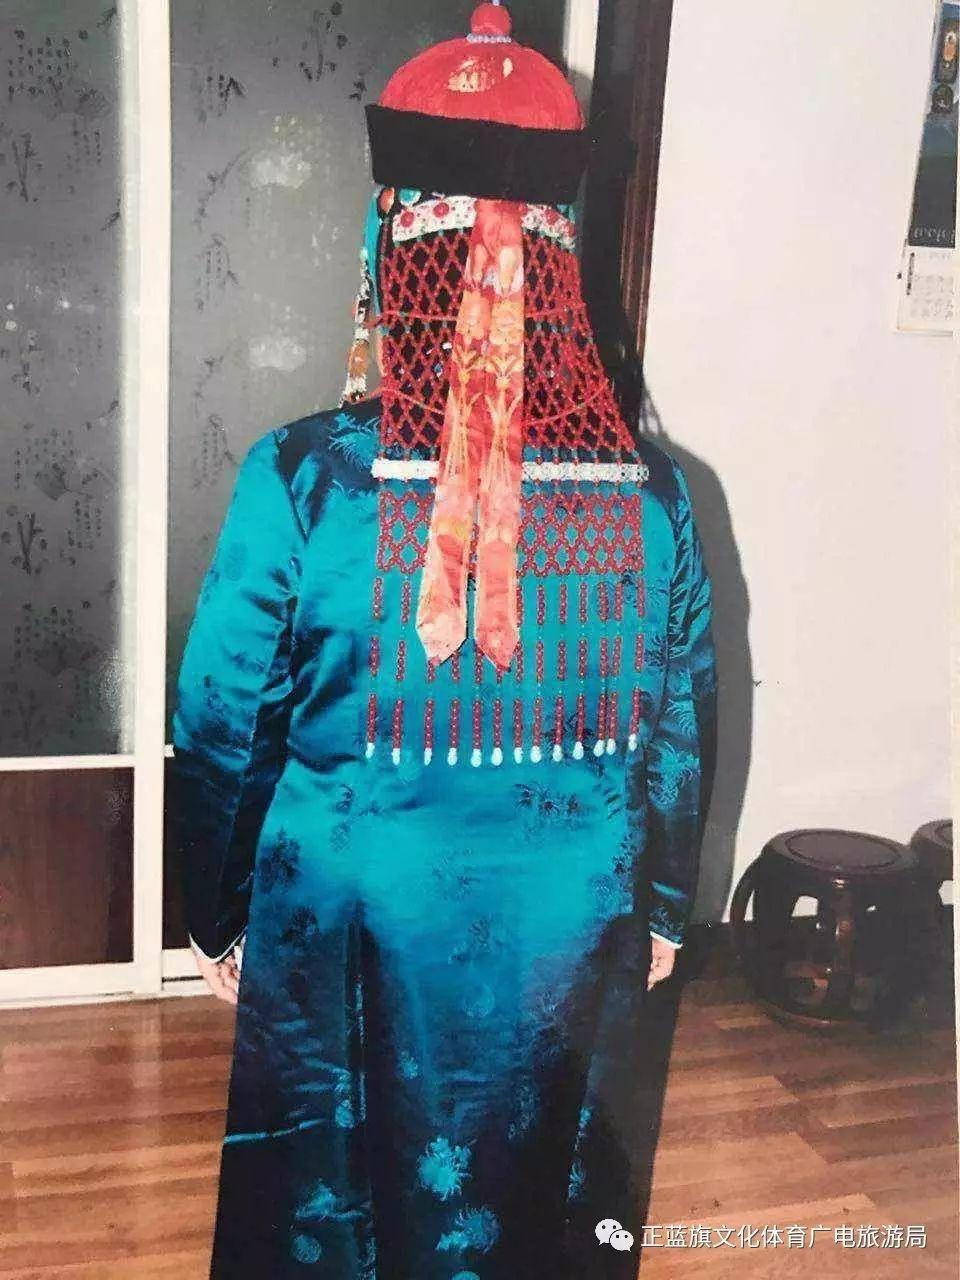 【察哈尔头饰】盟级非物质文化遗产代表性传承人—色·乌云毕力格 第11张